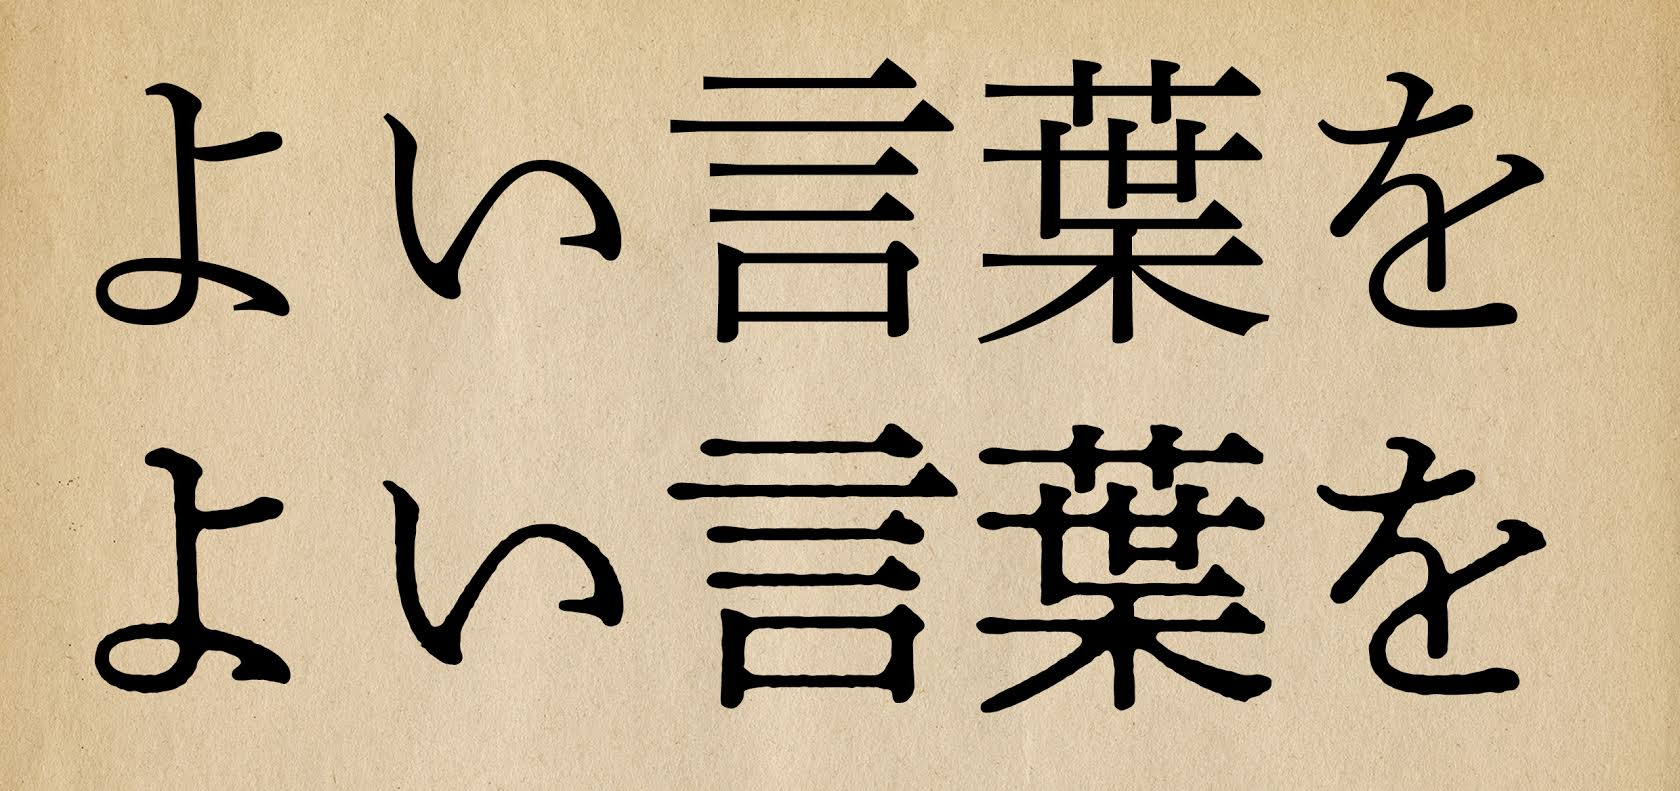 従来の明朝文字(上)と「にじみ」を表現した書体(下)